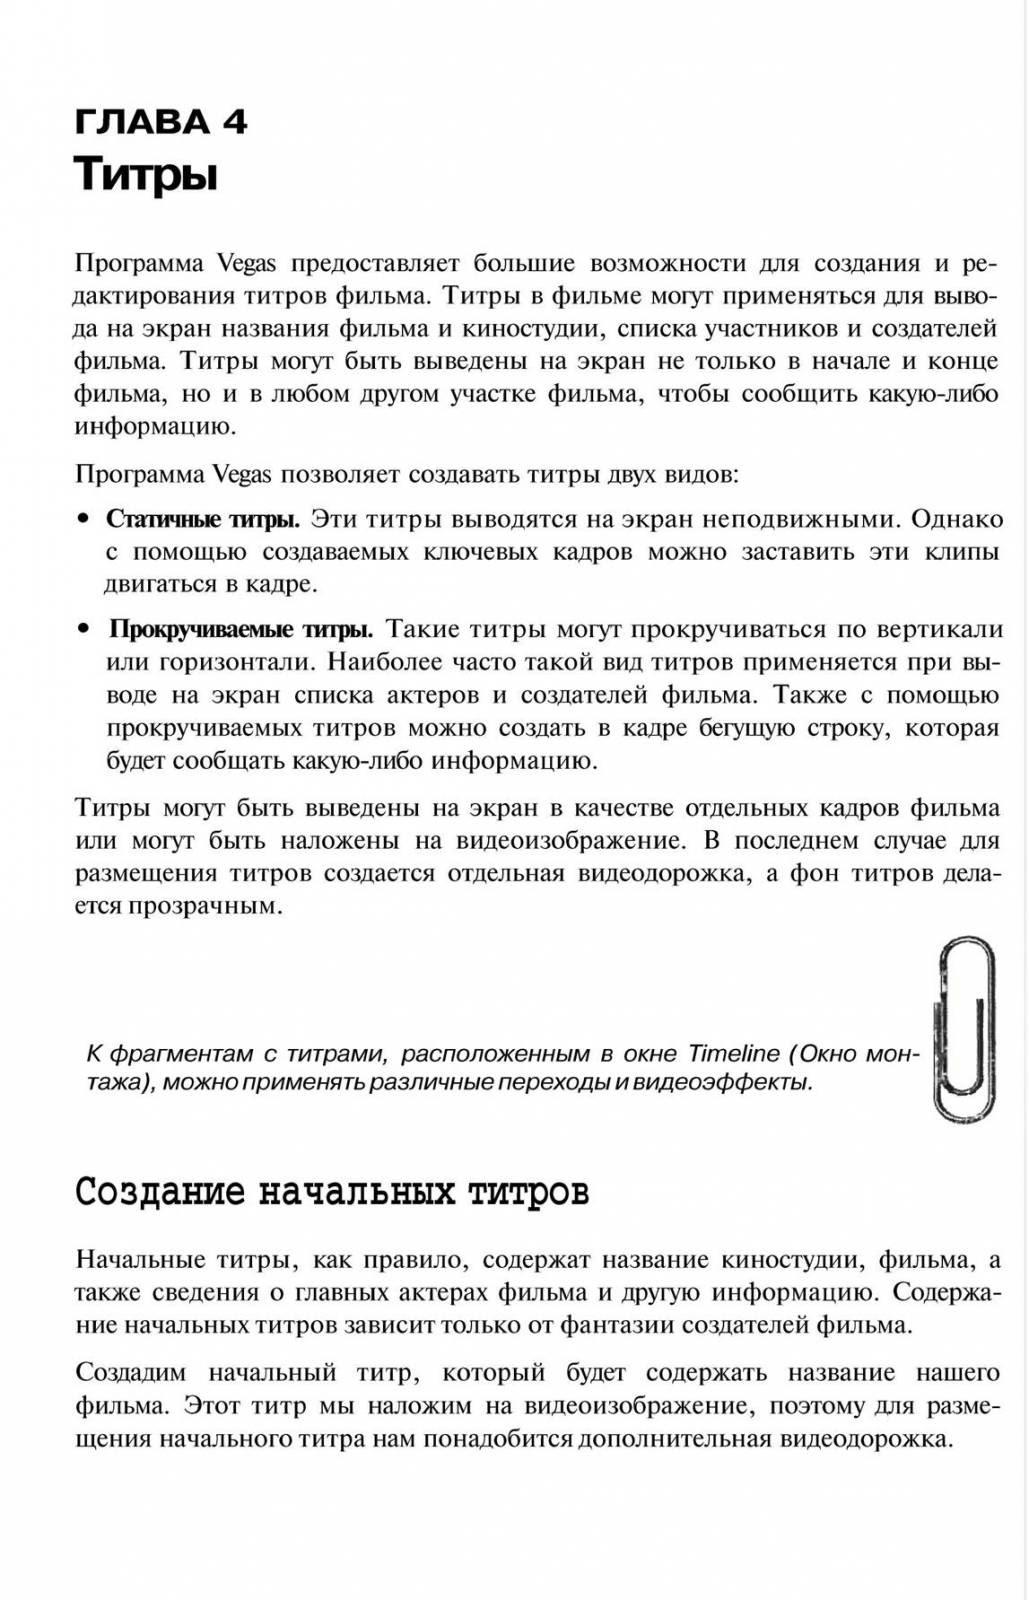 http://redaktori-uroki.3dn.ru/_ph/13/348204701.jpg